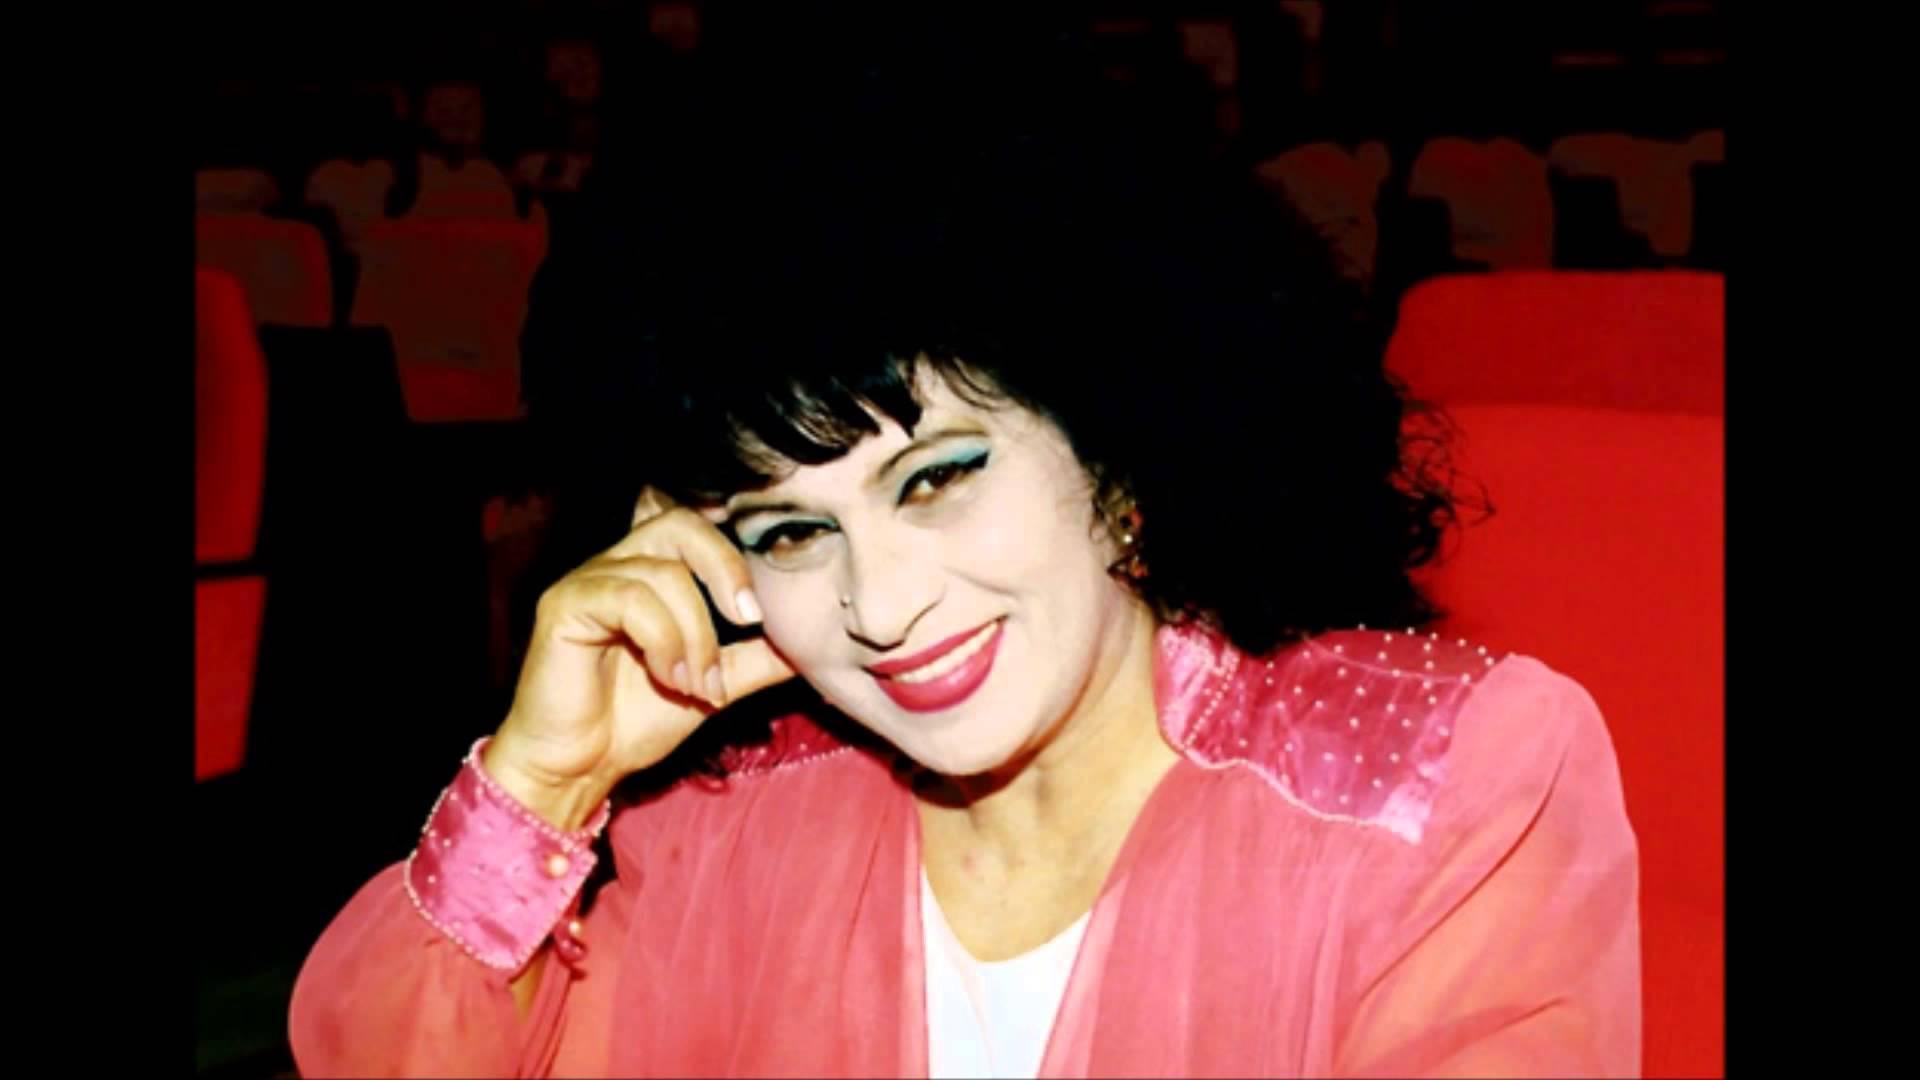 Zeynab Khanlarova celebrates birthday